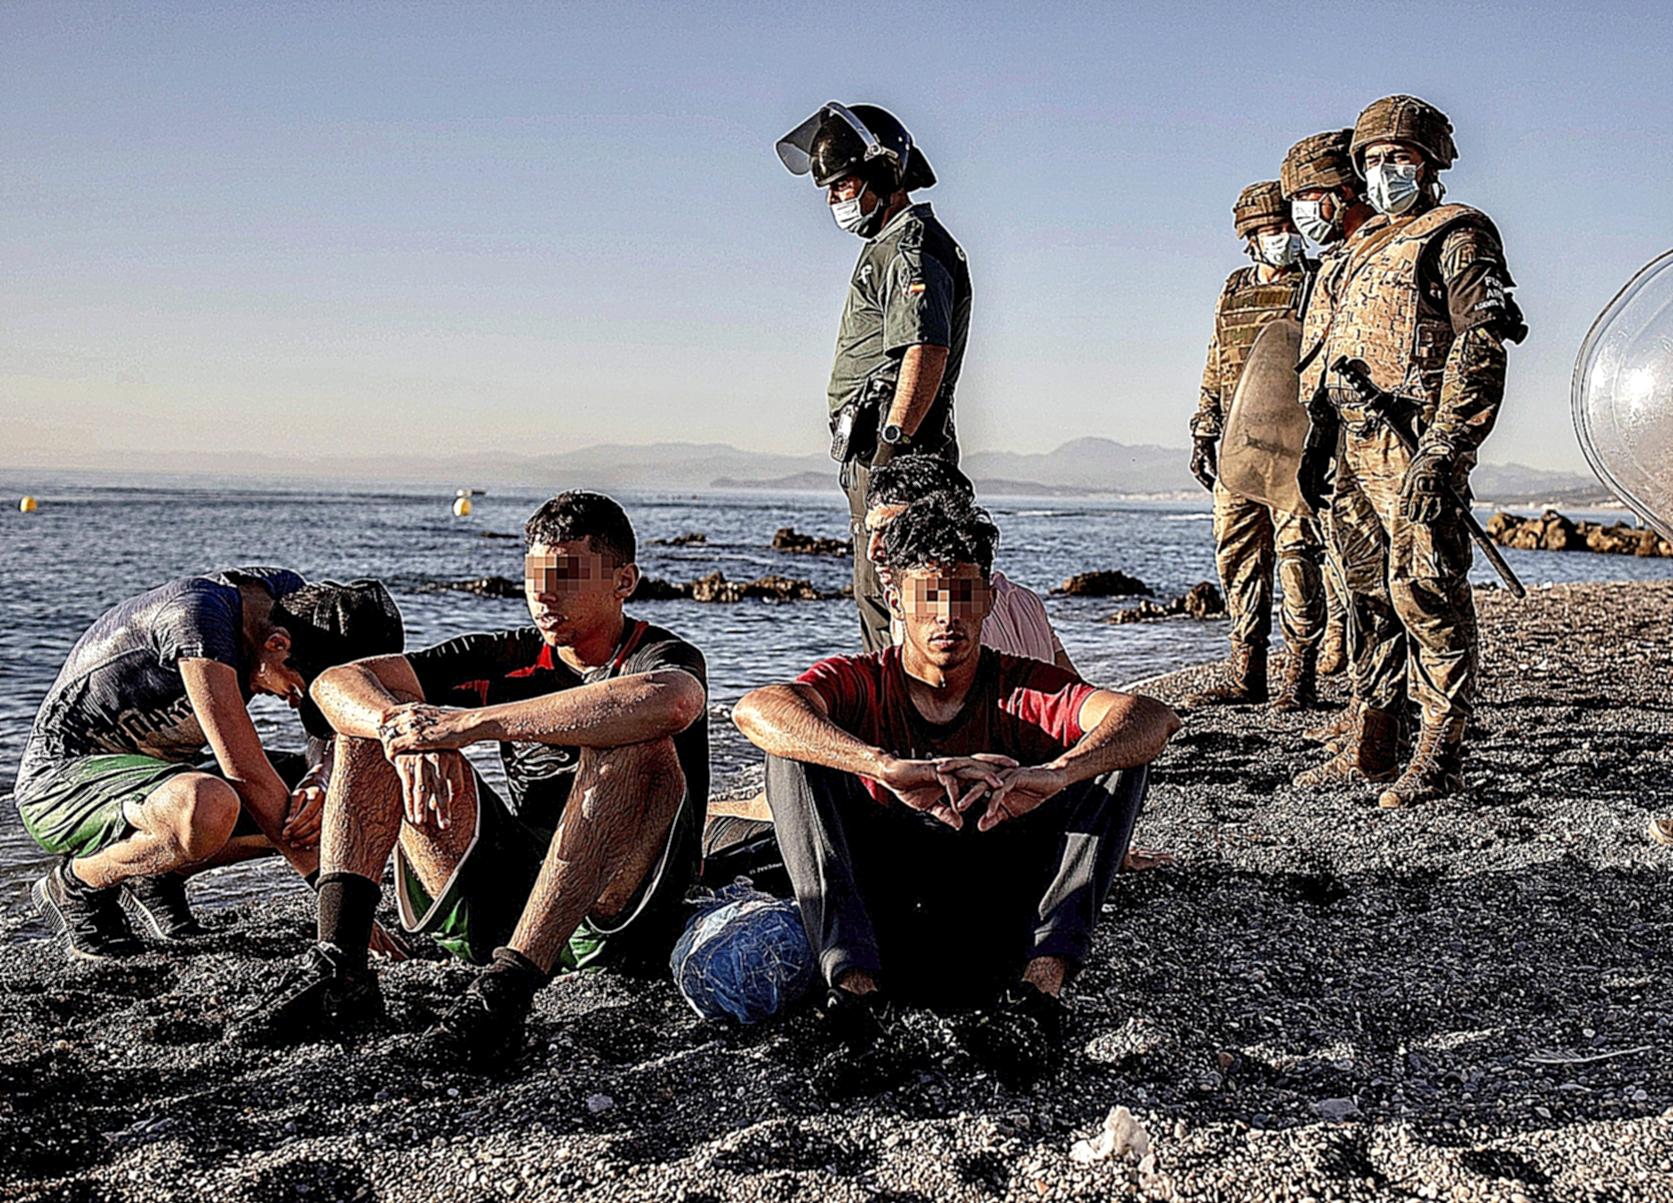 Unos soldados rodean a unos adolescentes marroquíes.